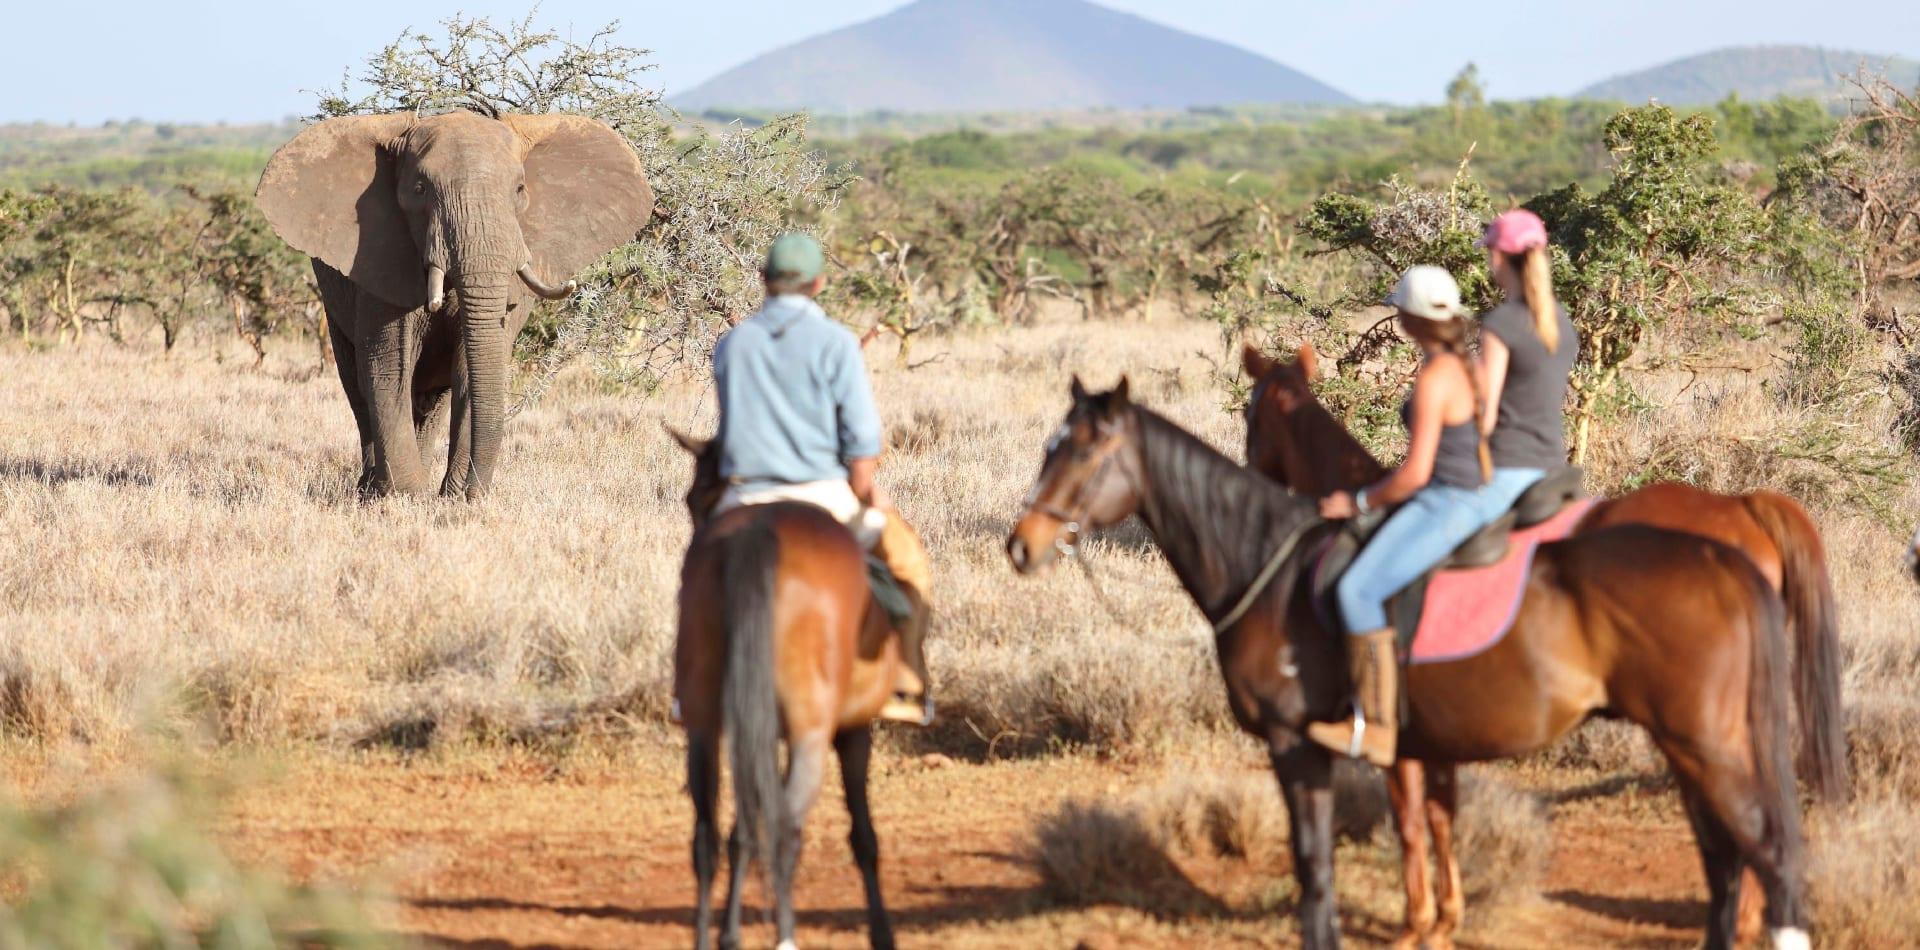 Horseback safari in Kenya